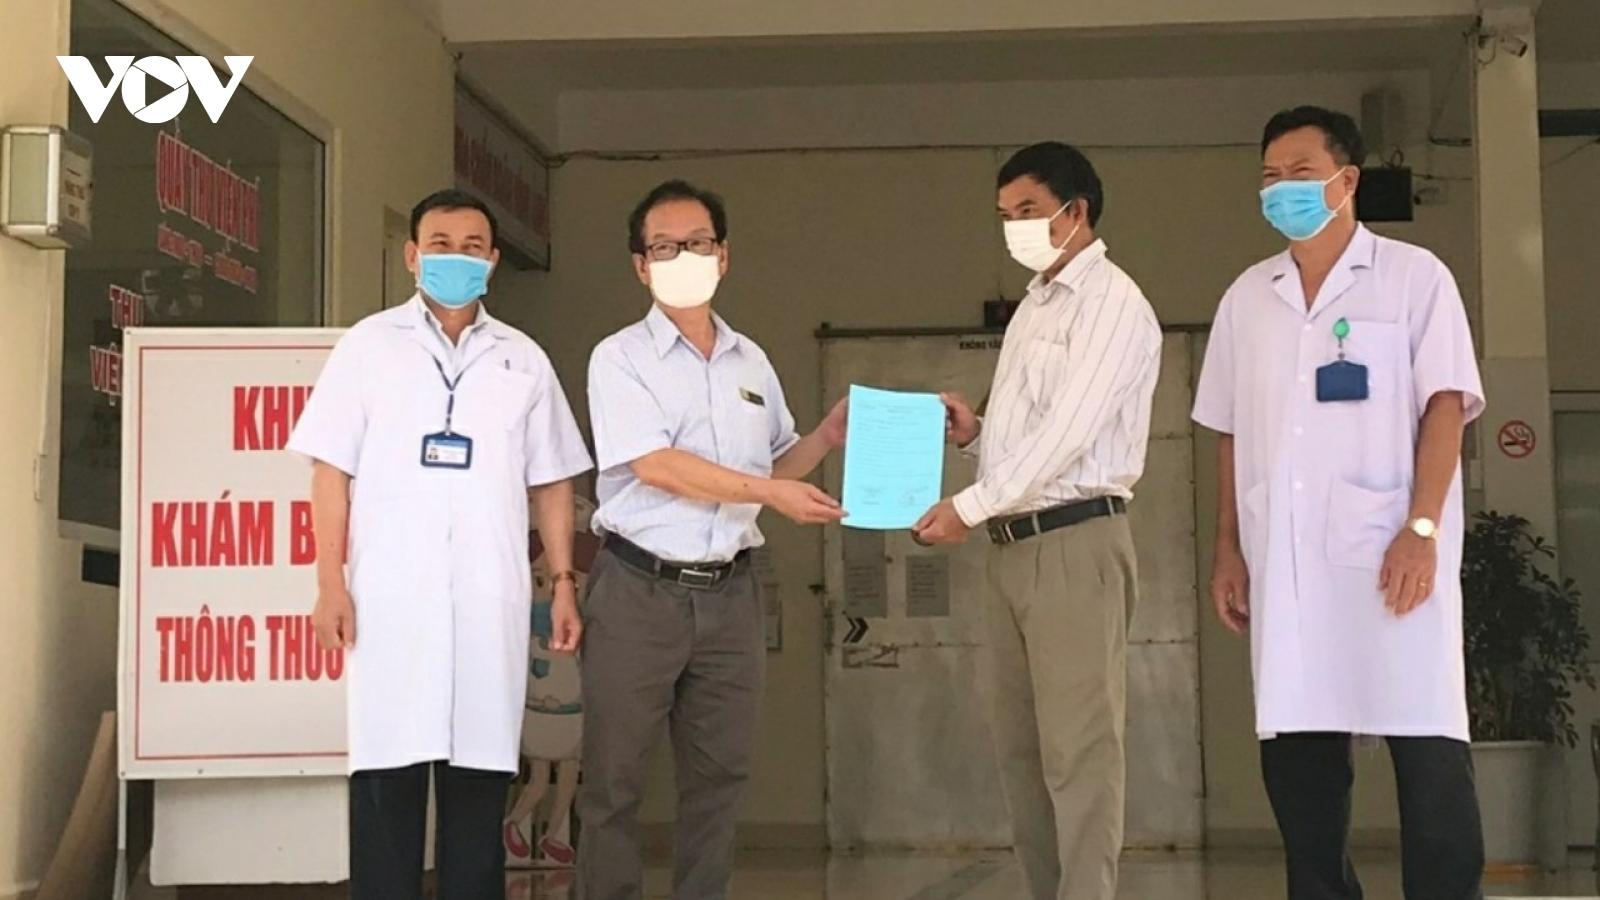 Bệnh nhân COVID-19 nguy kịch ở Đắk Lắk đã được xuất viện